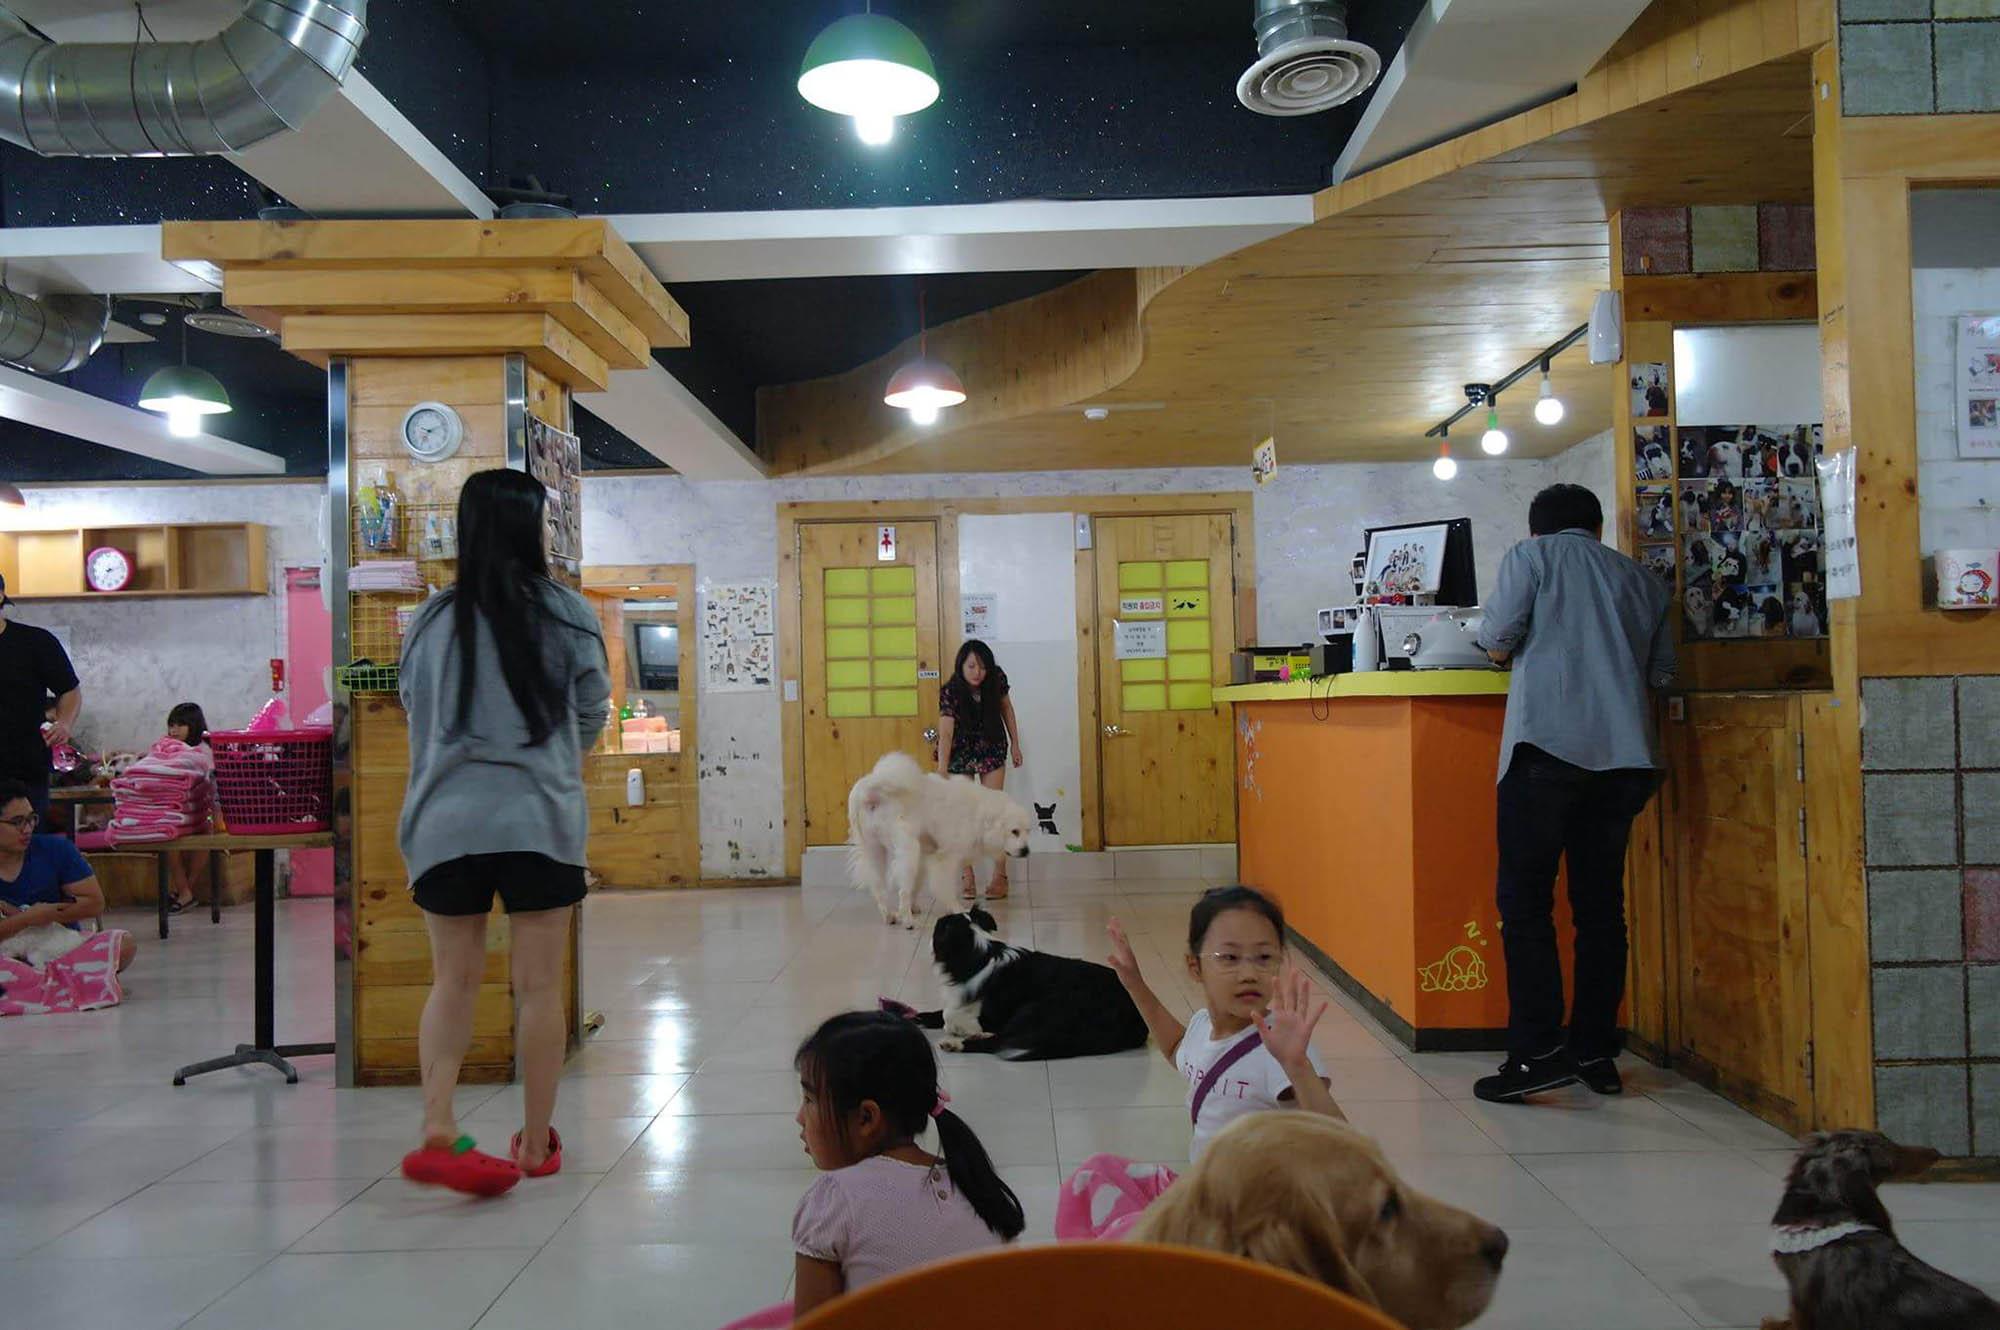 «Кафе с собаками» — Cafe Gaene Myeongdong. Вход платный — 6000 вон (322 р.). Кофейный напиток стоит 4000 вон (345 р.). Играть с собаками можно сколько угодно